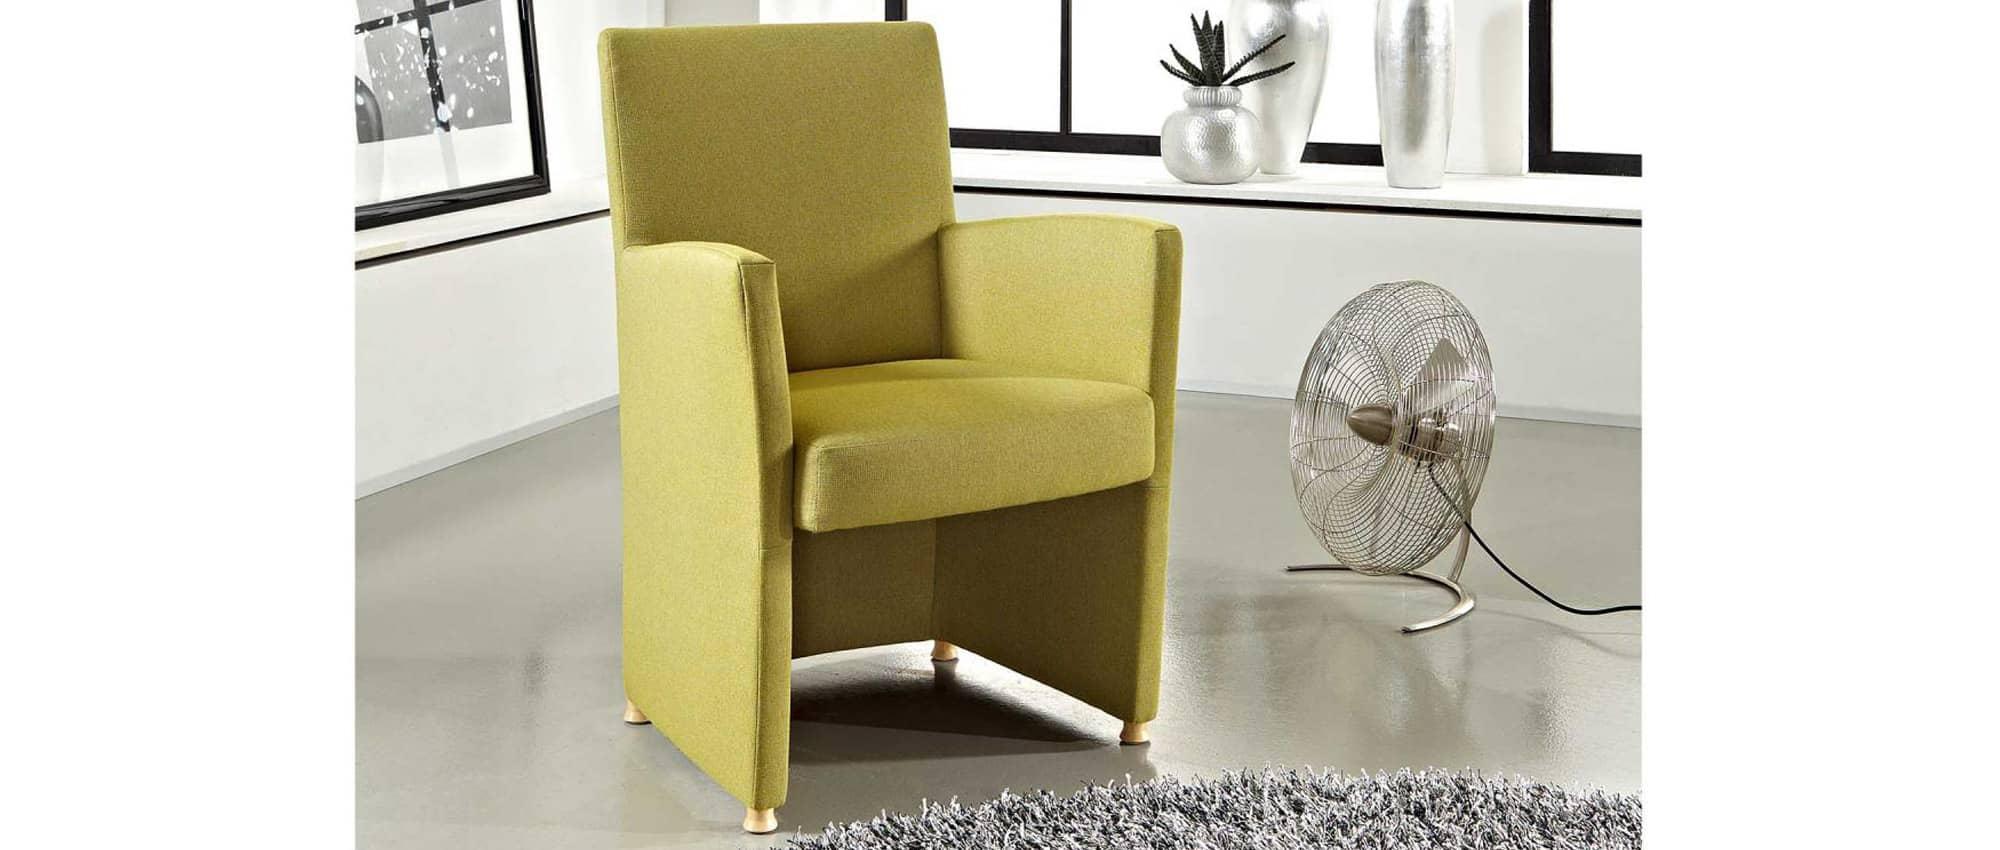 sessel mit hoher r ckenlehne ebenbild das wirklich sch ne. Black Bedroom Furniture Sets. Home Design Ideas